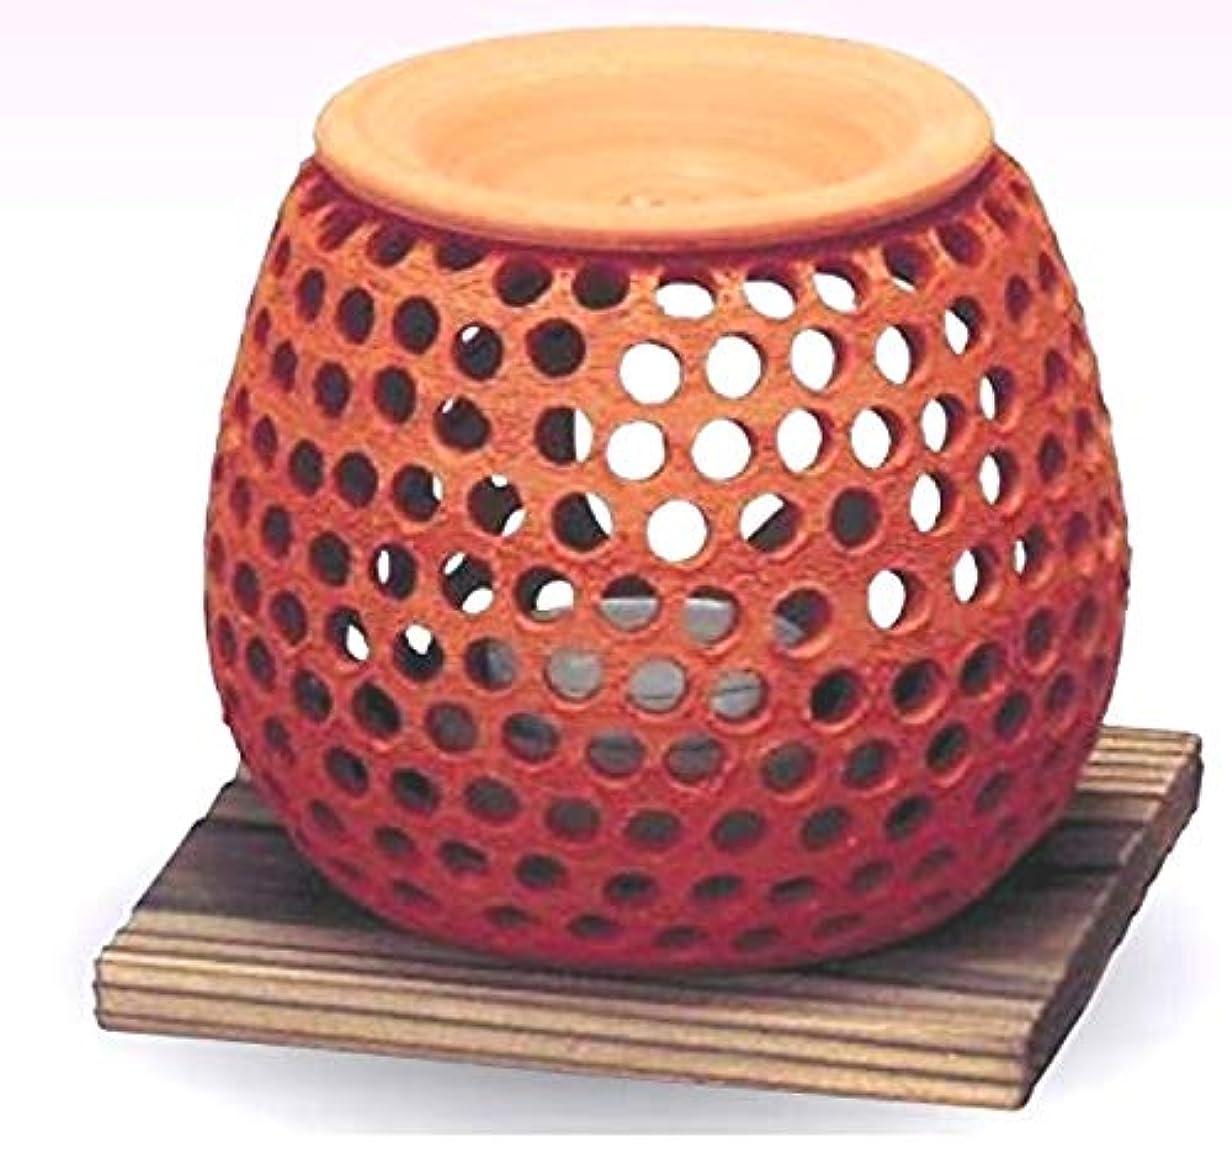 サーフィン運搬丁寧常滑焼 石龍作 茶香炉(アロマポット)径10×高さ10cm